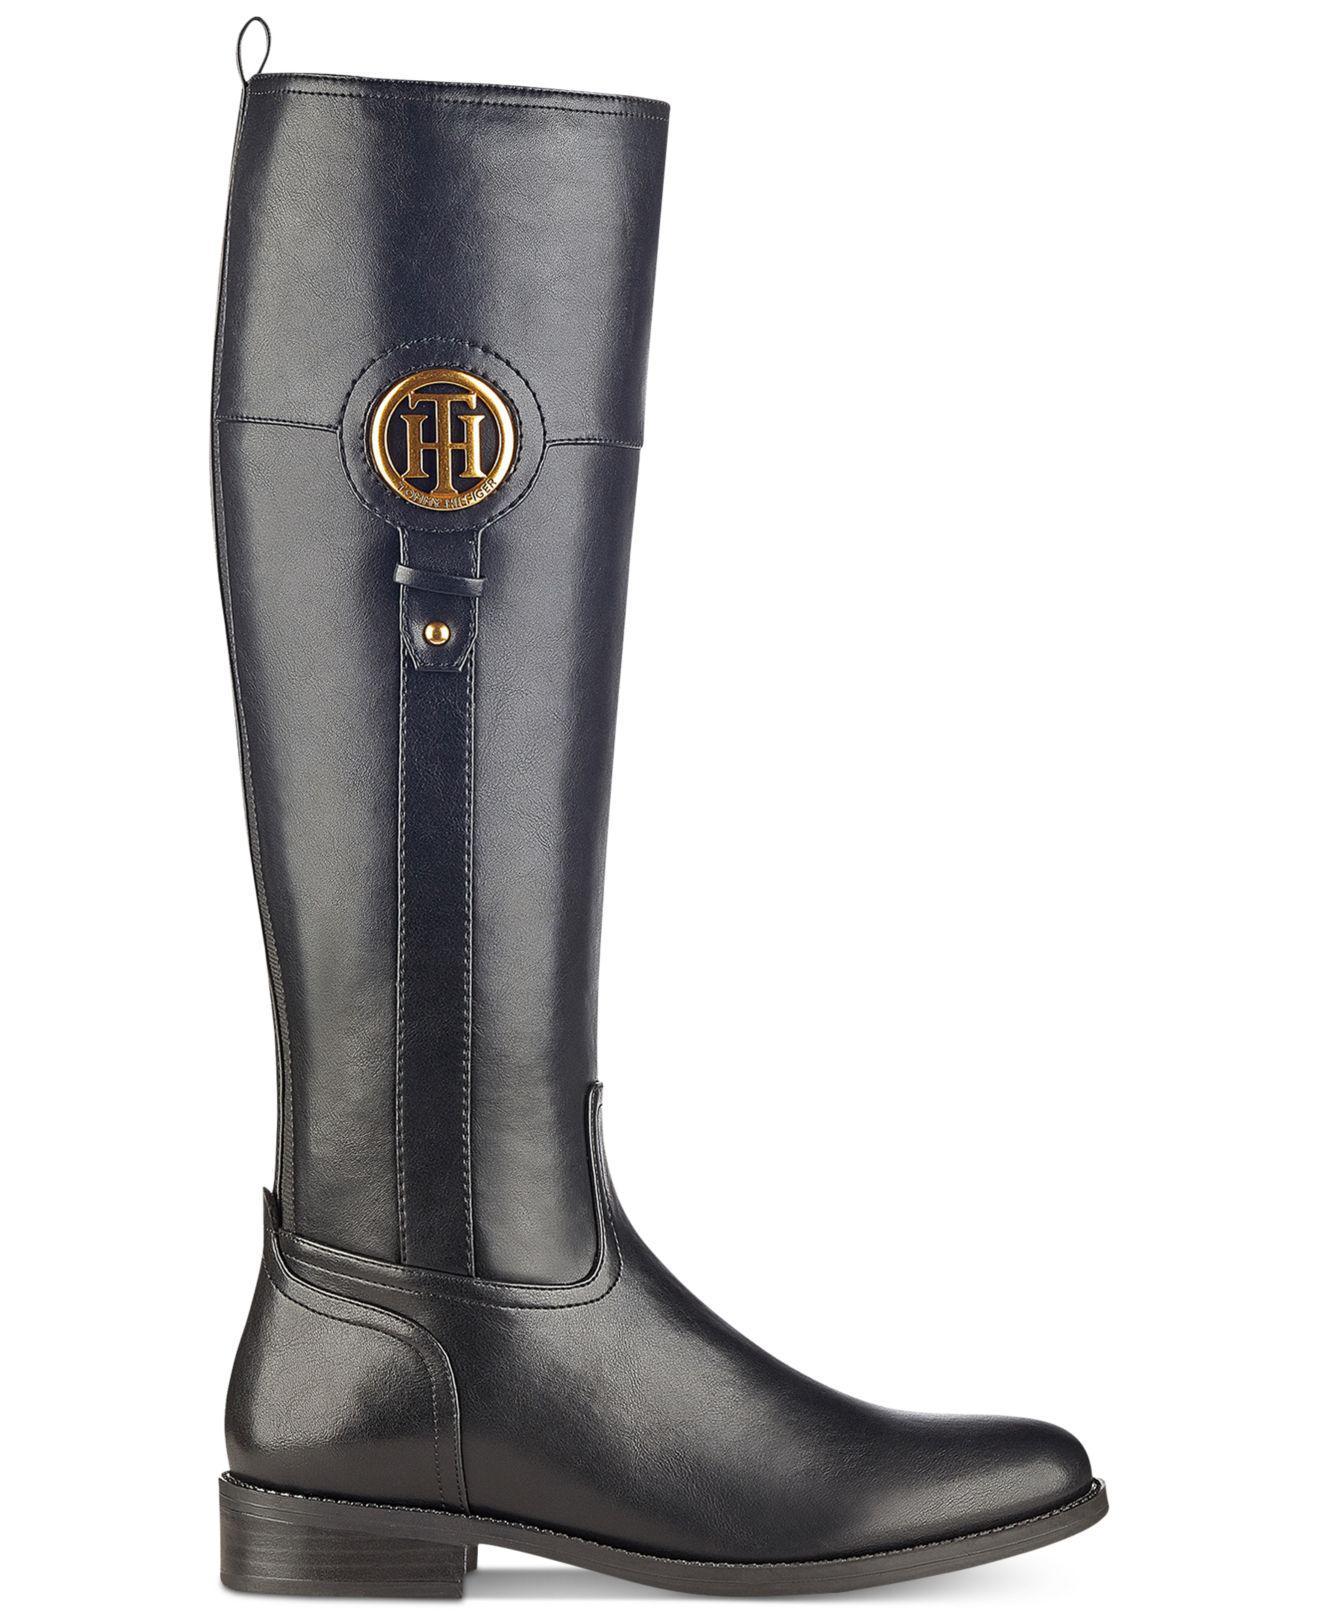 490fdb1c7d3f7e Lyst - Tommy Hilfiger Ilia2 Riding Boots in Black - Save 77%